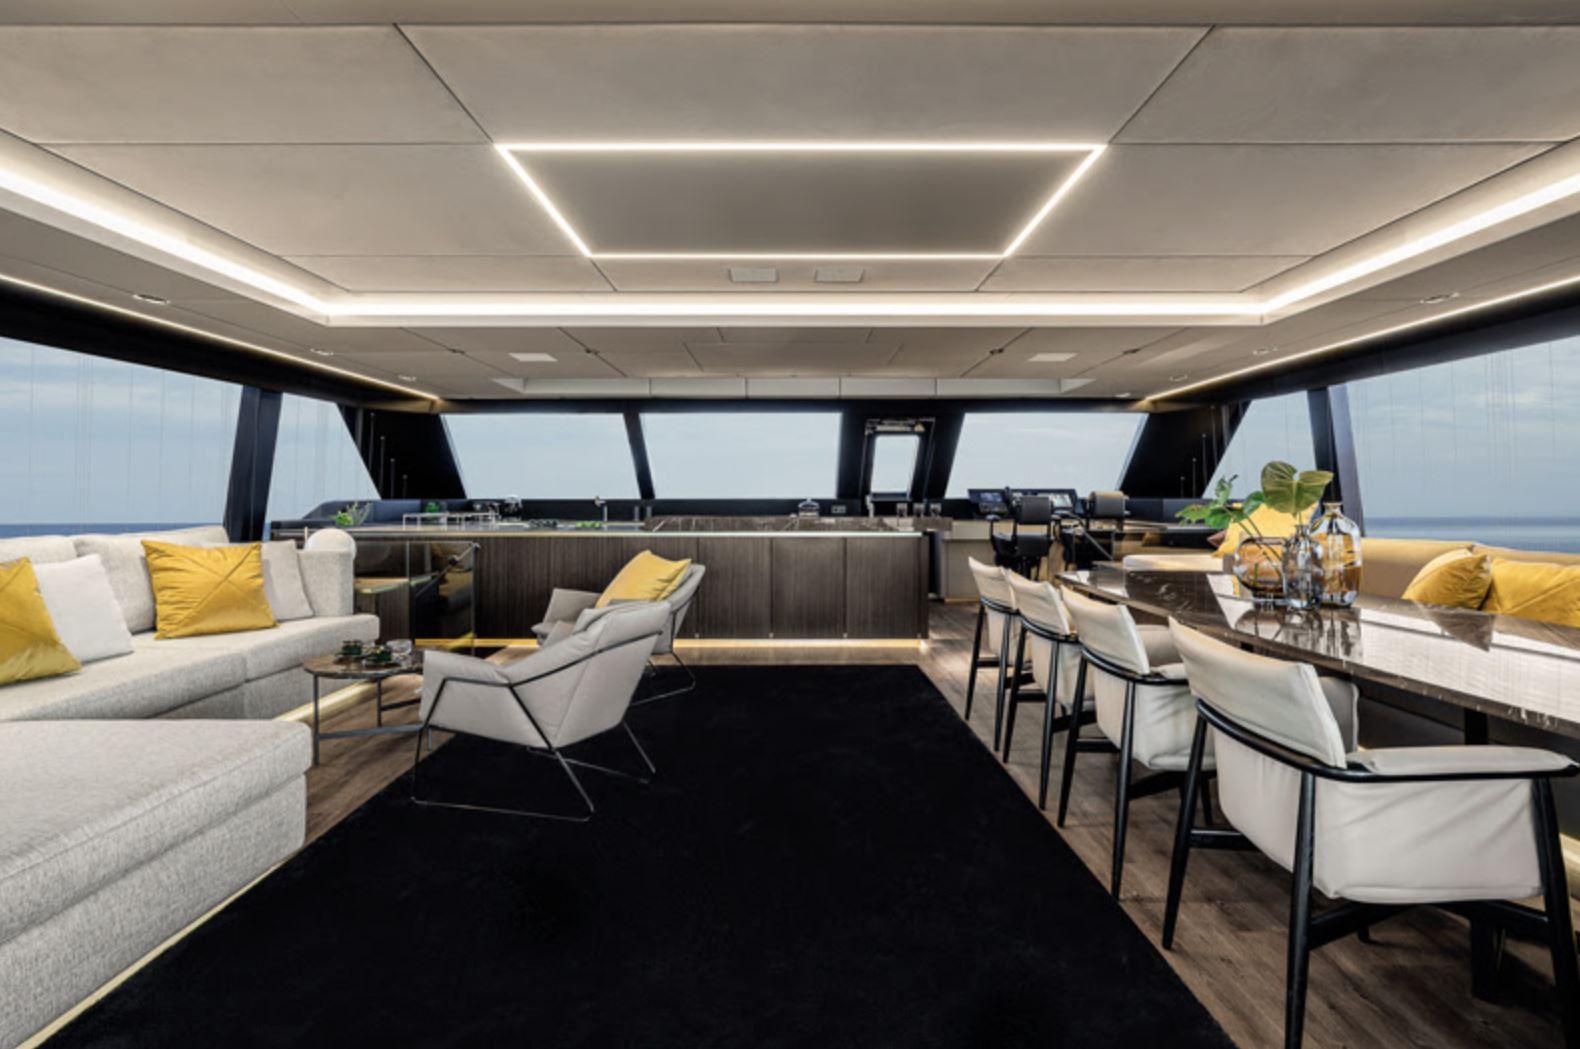 Luxury, for this semi-custom motor yacht catamaran